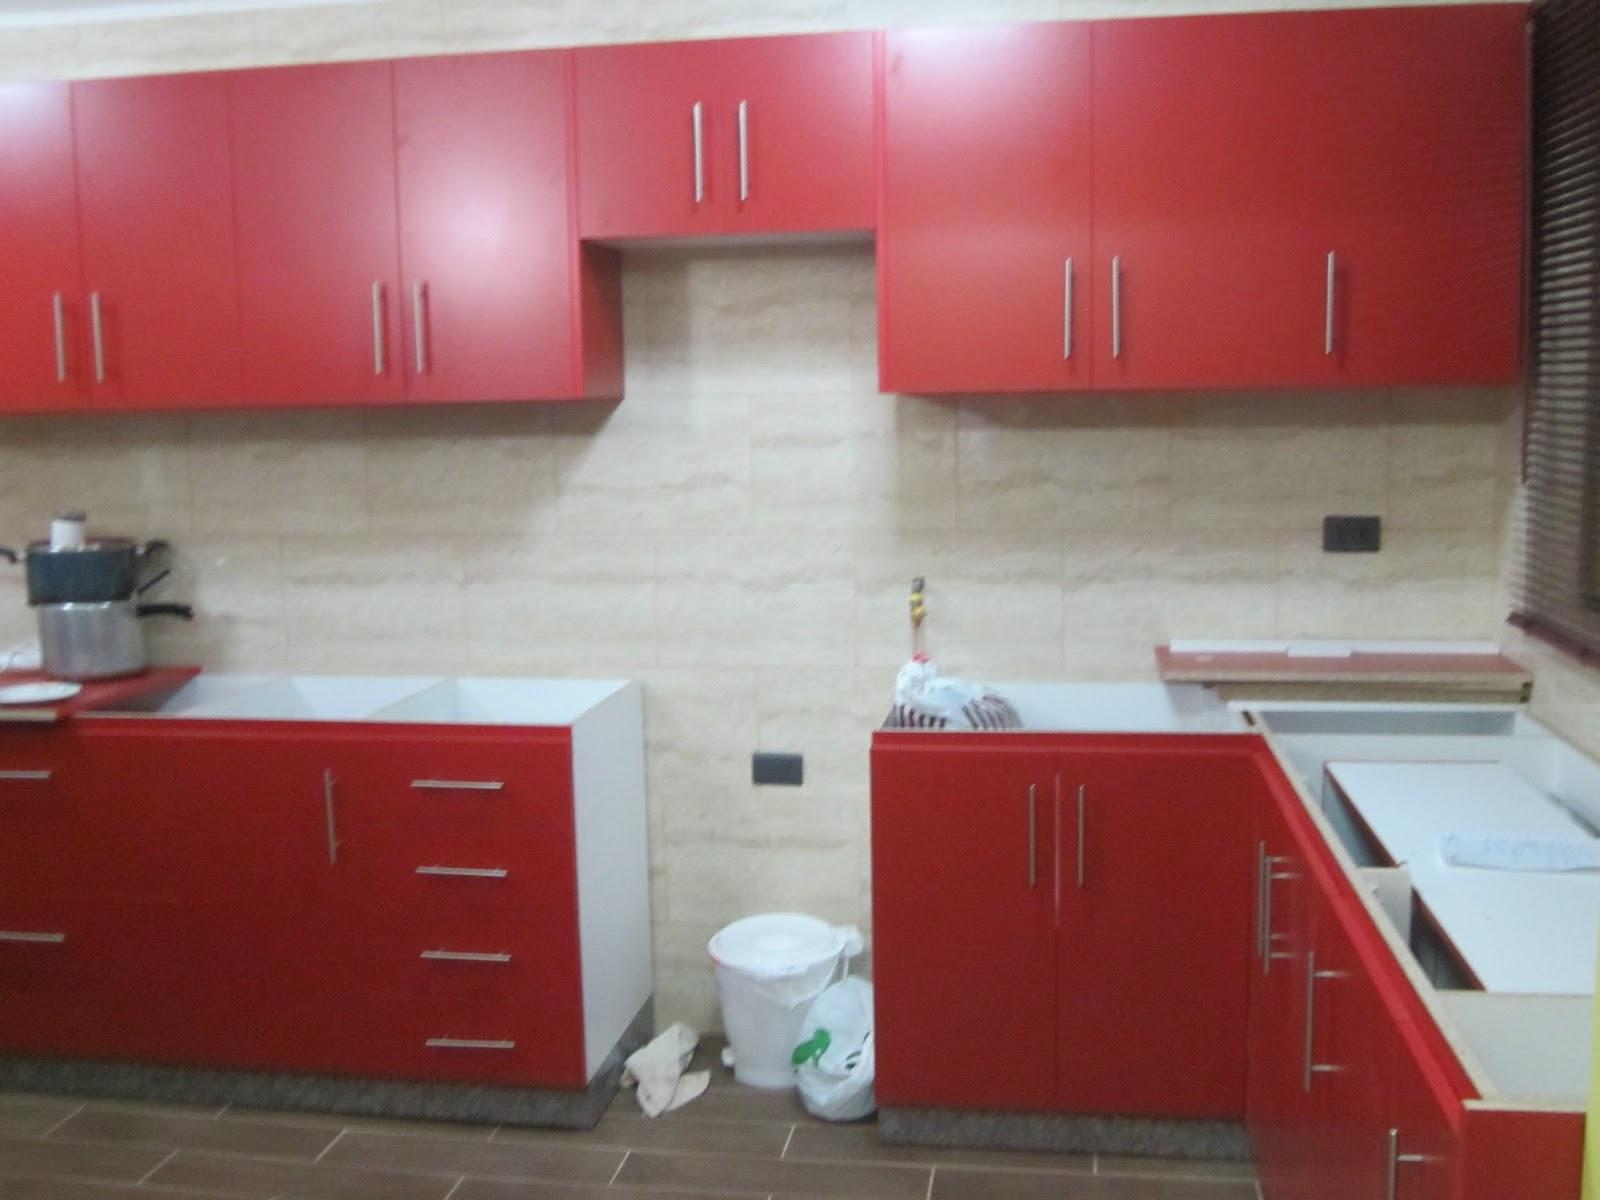 Muebles base y colgantes y mesón de cocina melamina puertas rojas